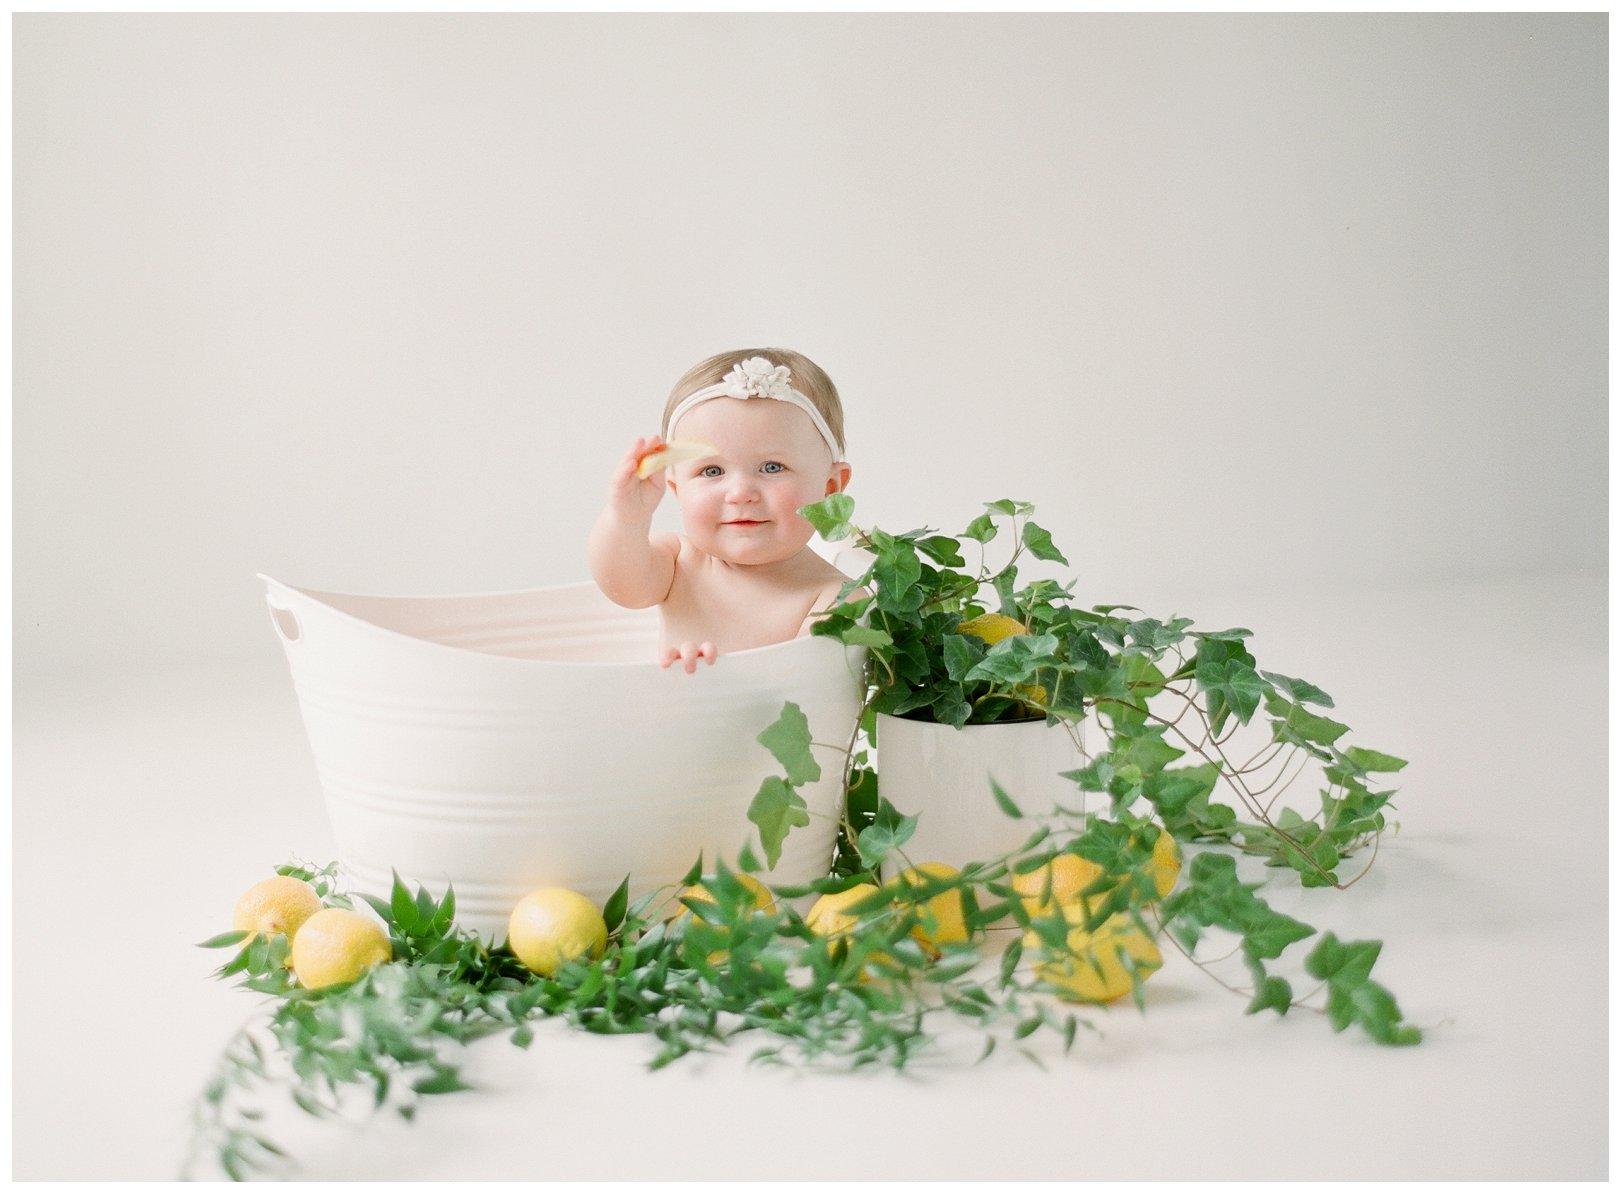 lauren muckler photography_fine art film wedding photography_st louis_photography_3429.jpg